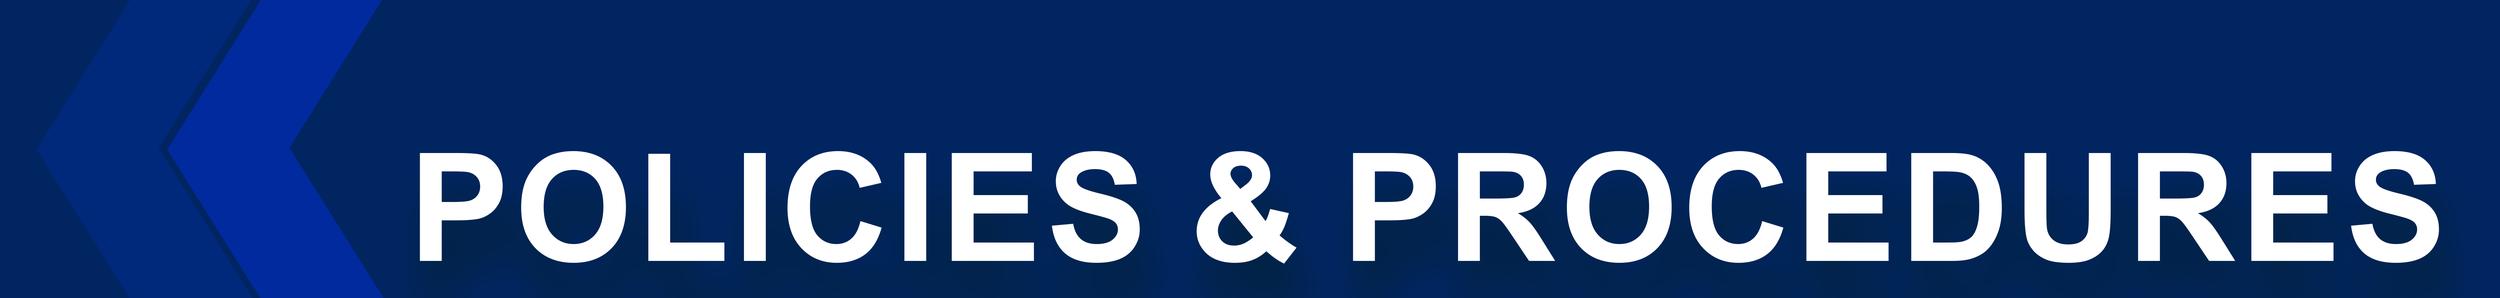 Policies and Procedures header banner